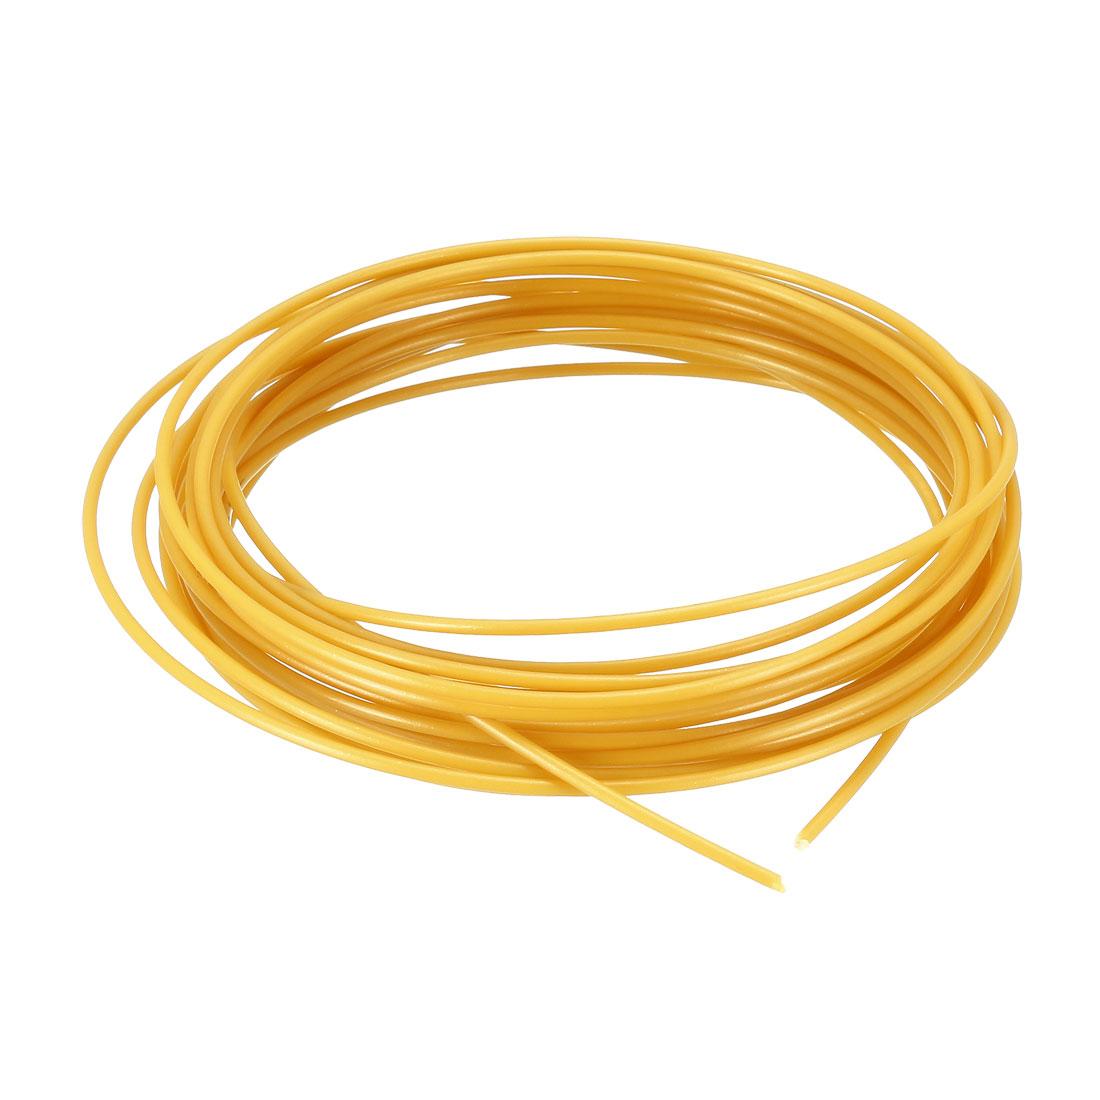 5 Meter/16 Ft ABS 3D Pen/3D Printer Filament, 1.75 mm Golden